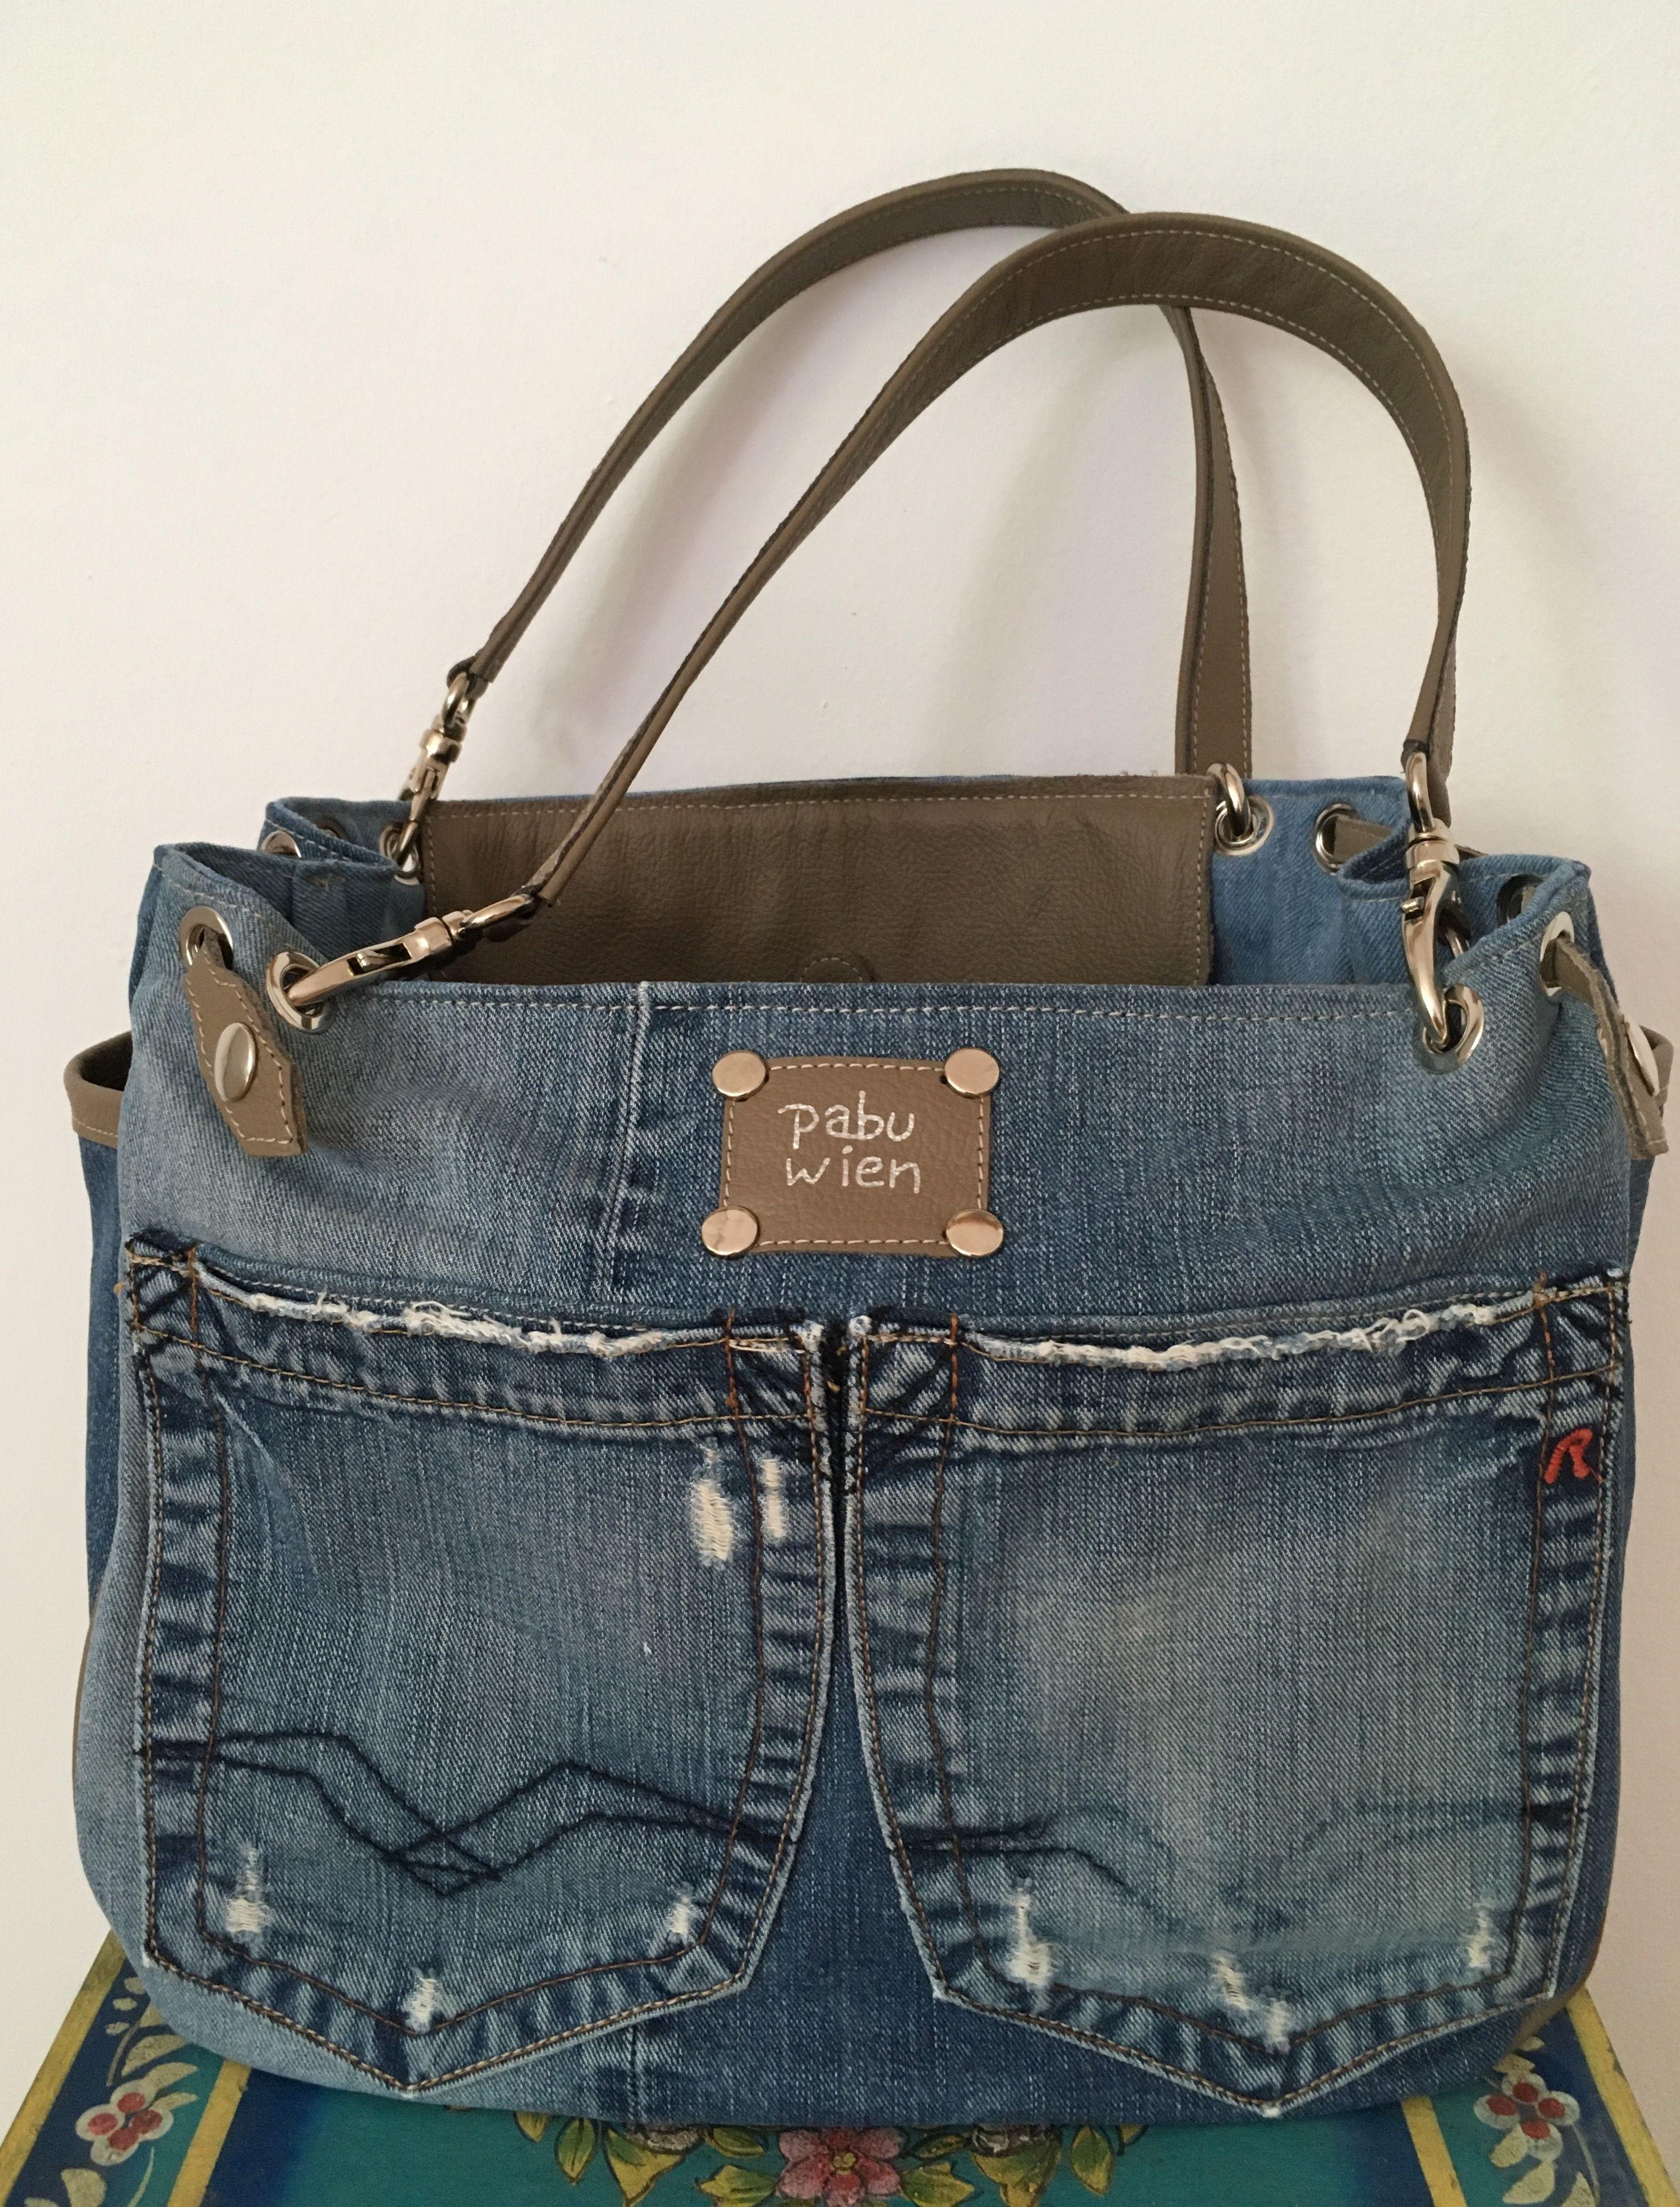 replay leder sand jeanstaschen pinterest jeans tasche jeans und geldb rse. Black Bedroom Furniture Sets. Home Design Ideas